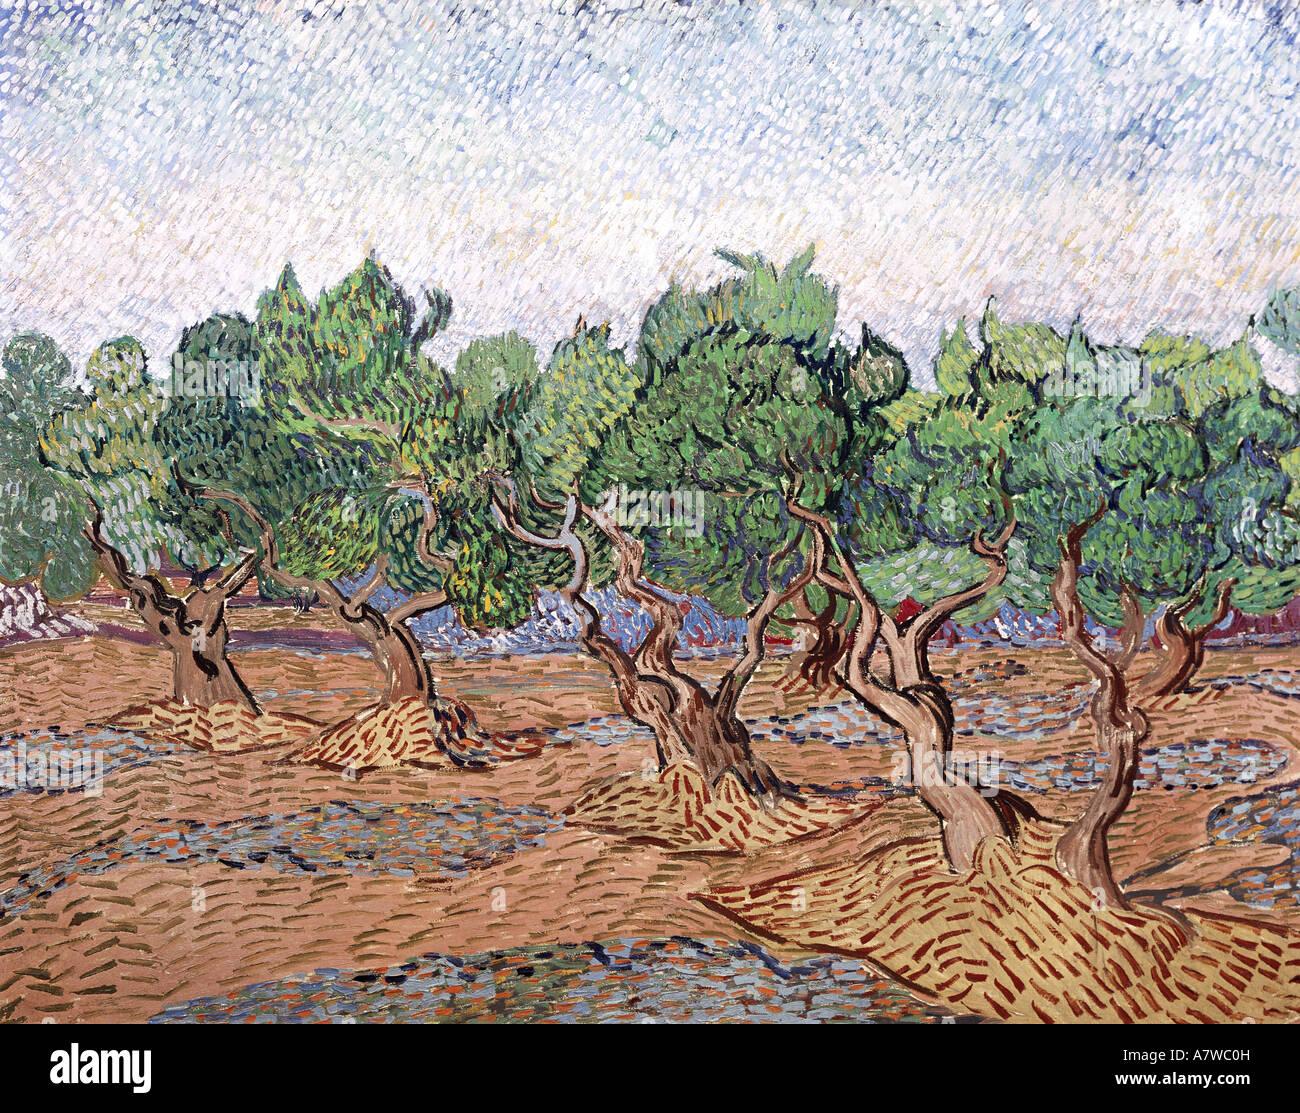 Beaux-arts, Vincent van Gogh (1853 - 1890), d'oliviers, ciel rose, peinture, Saint Remy, 1889 huile sur toile, Photo Stock